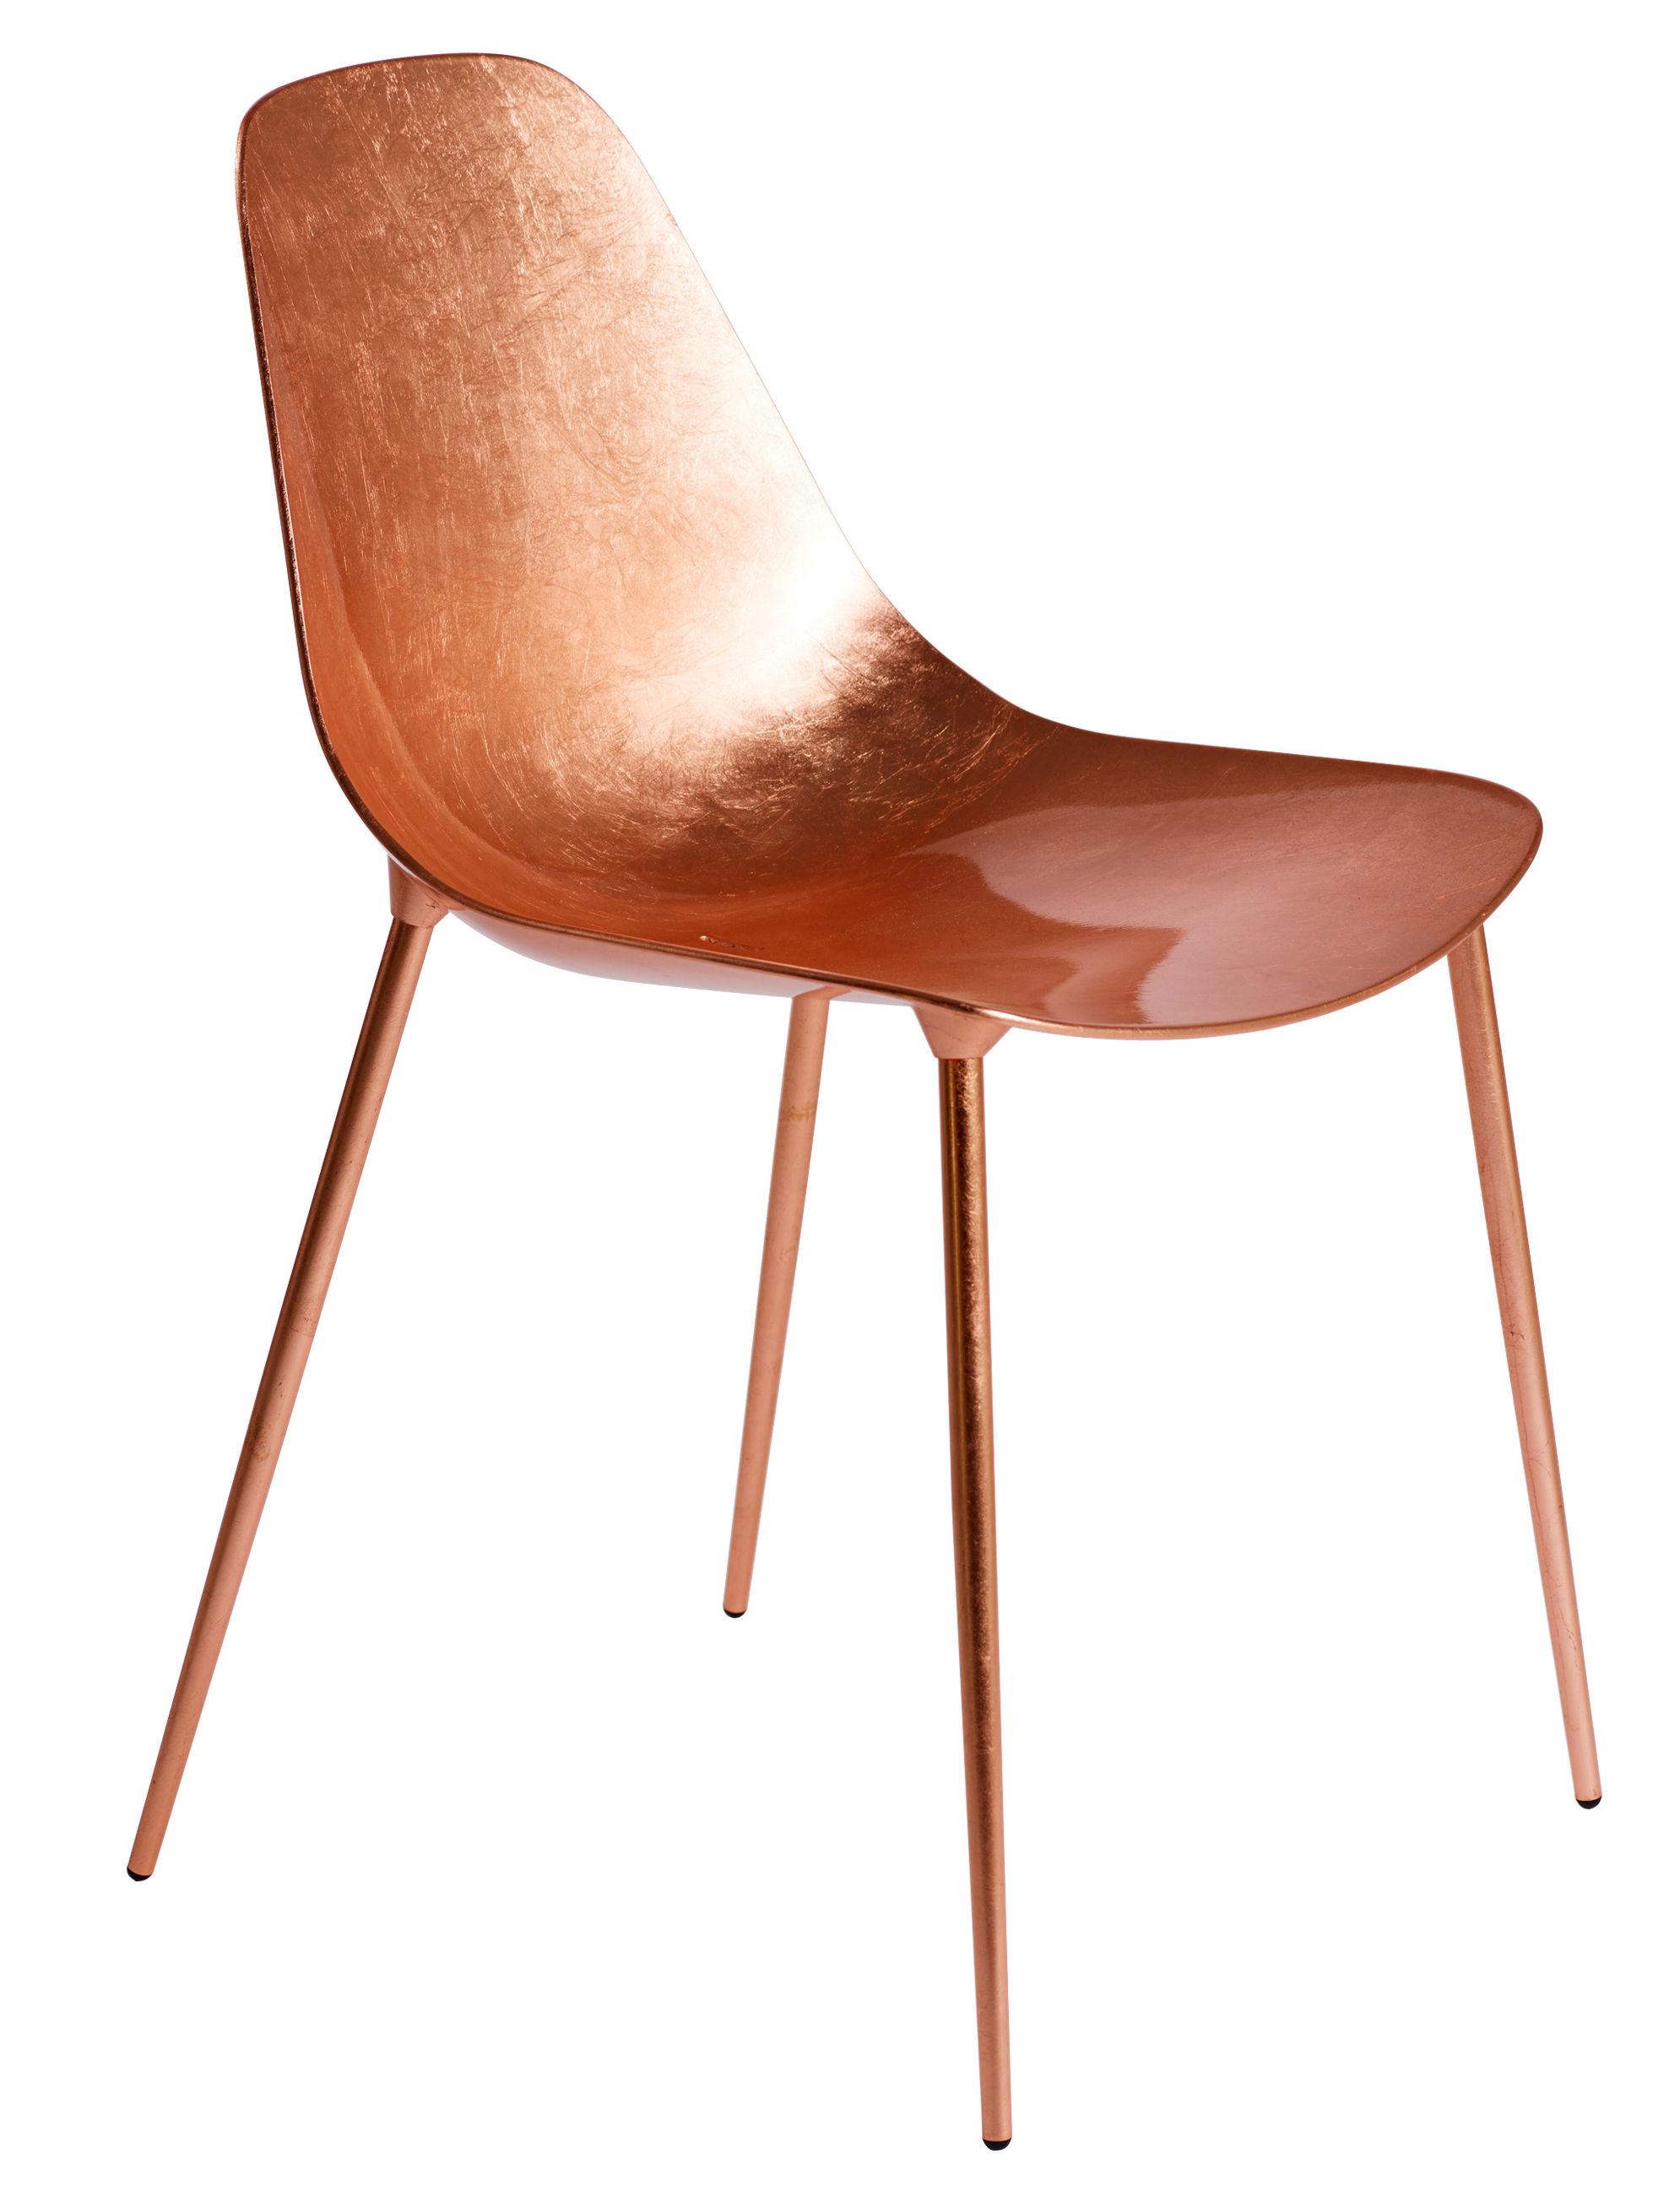 Mobilier - Chaises, fauteuils de salle à manger - Chaise Mammamia / Métal finition feuilles de cuivre - Opinion Ciatti - Feuilles de cuivre - Feuilles de cuivre, Métal